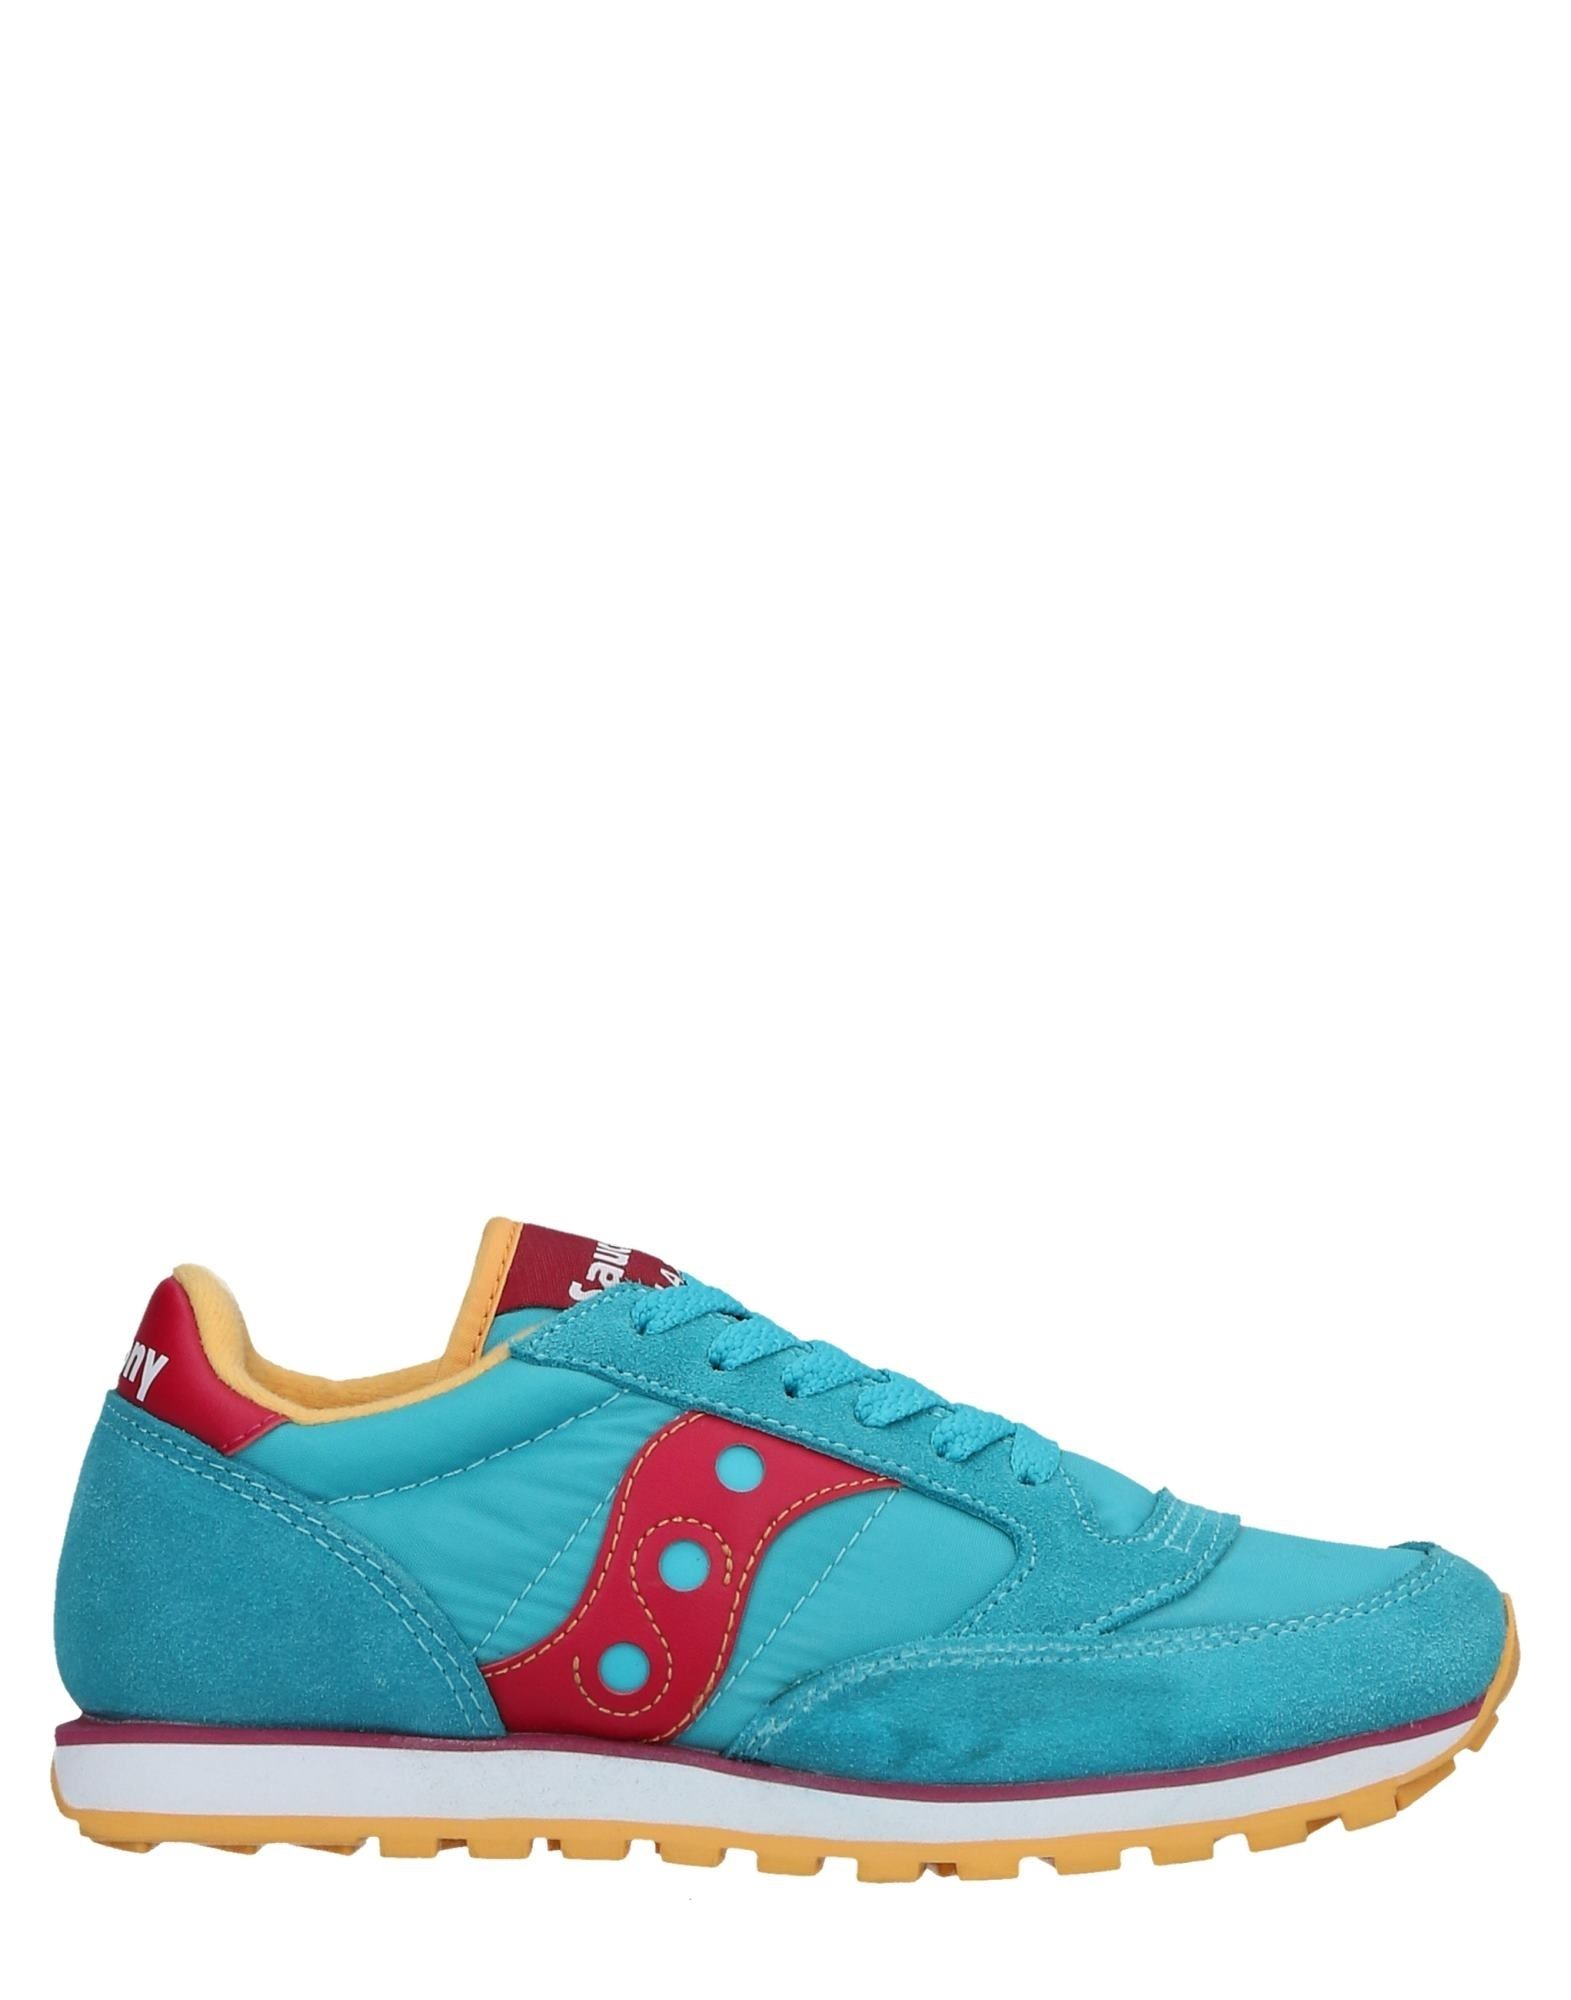 Scarpe economiche e resistenti Sneakers Saucony Donna - 11508692RI